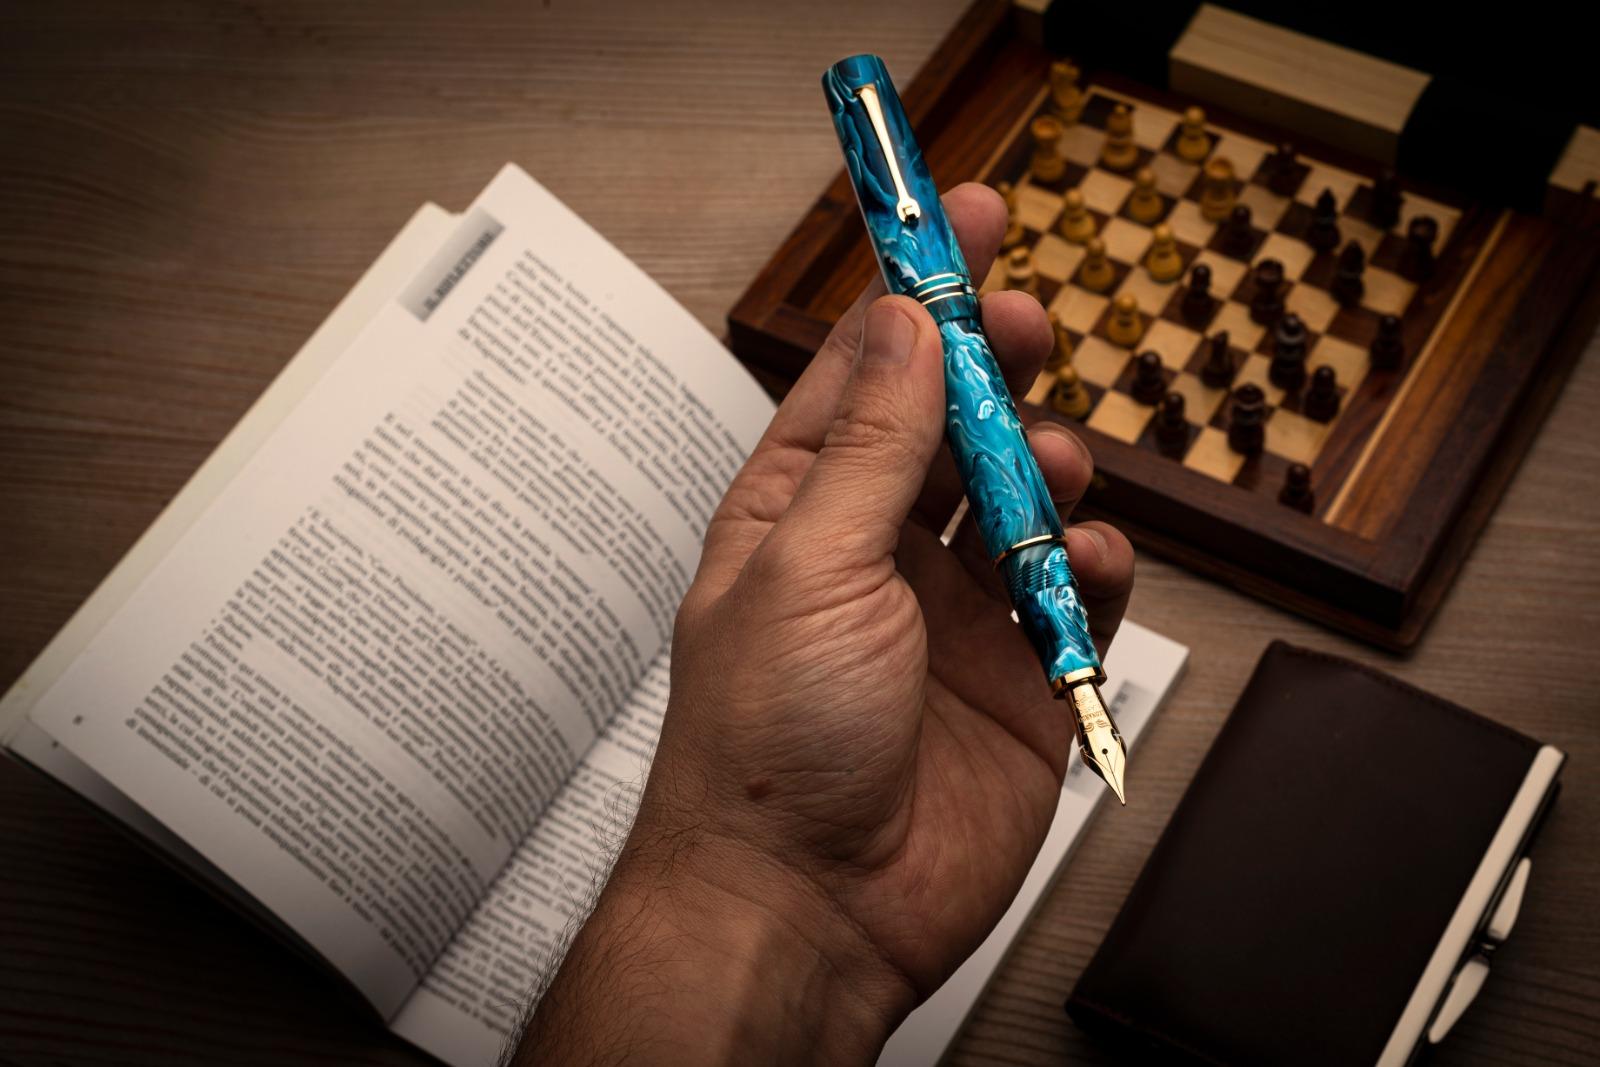 レオナルド 限定生産品 モーメントゼログランデ プライマリーマニュピレーション ブルー ゴールドトリム 万年筆